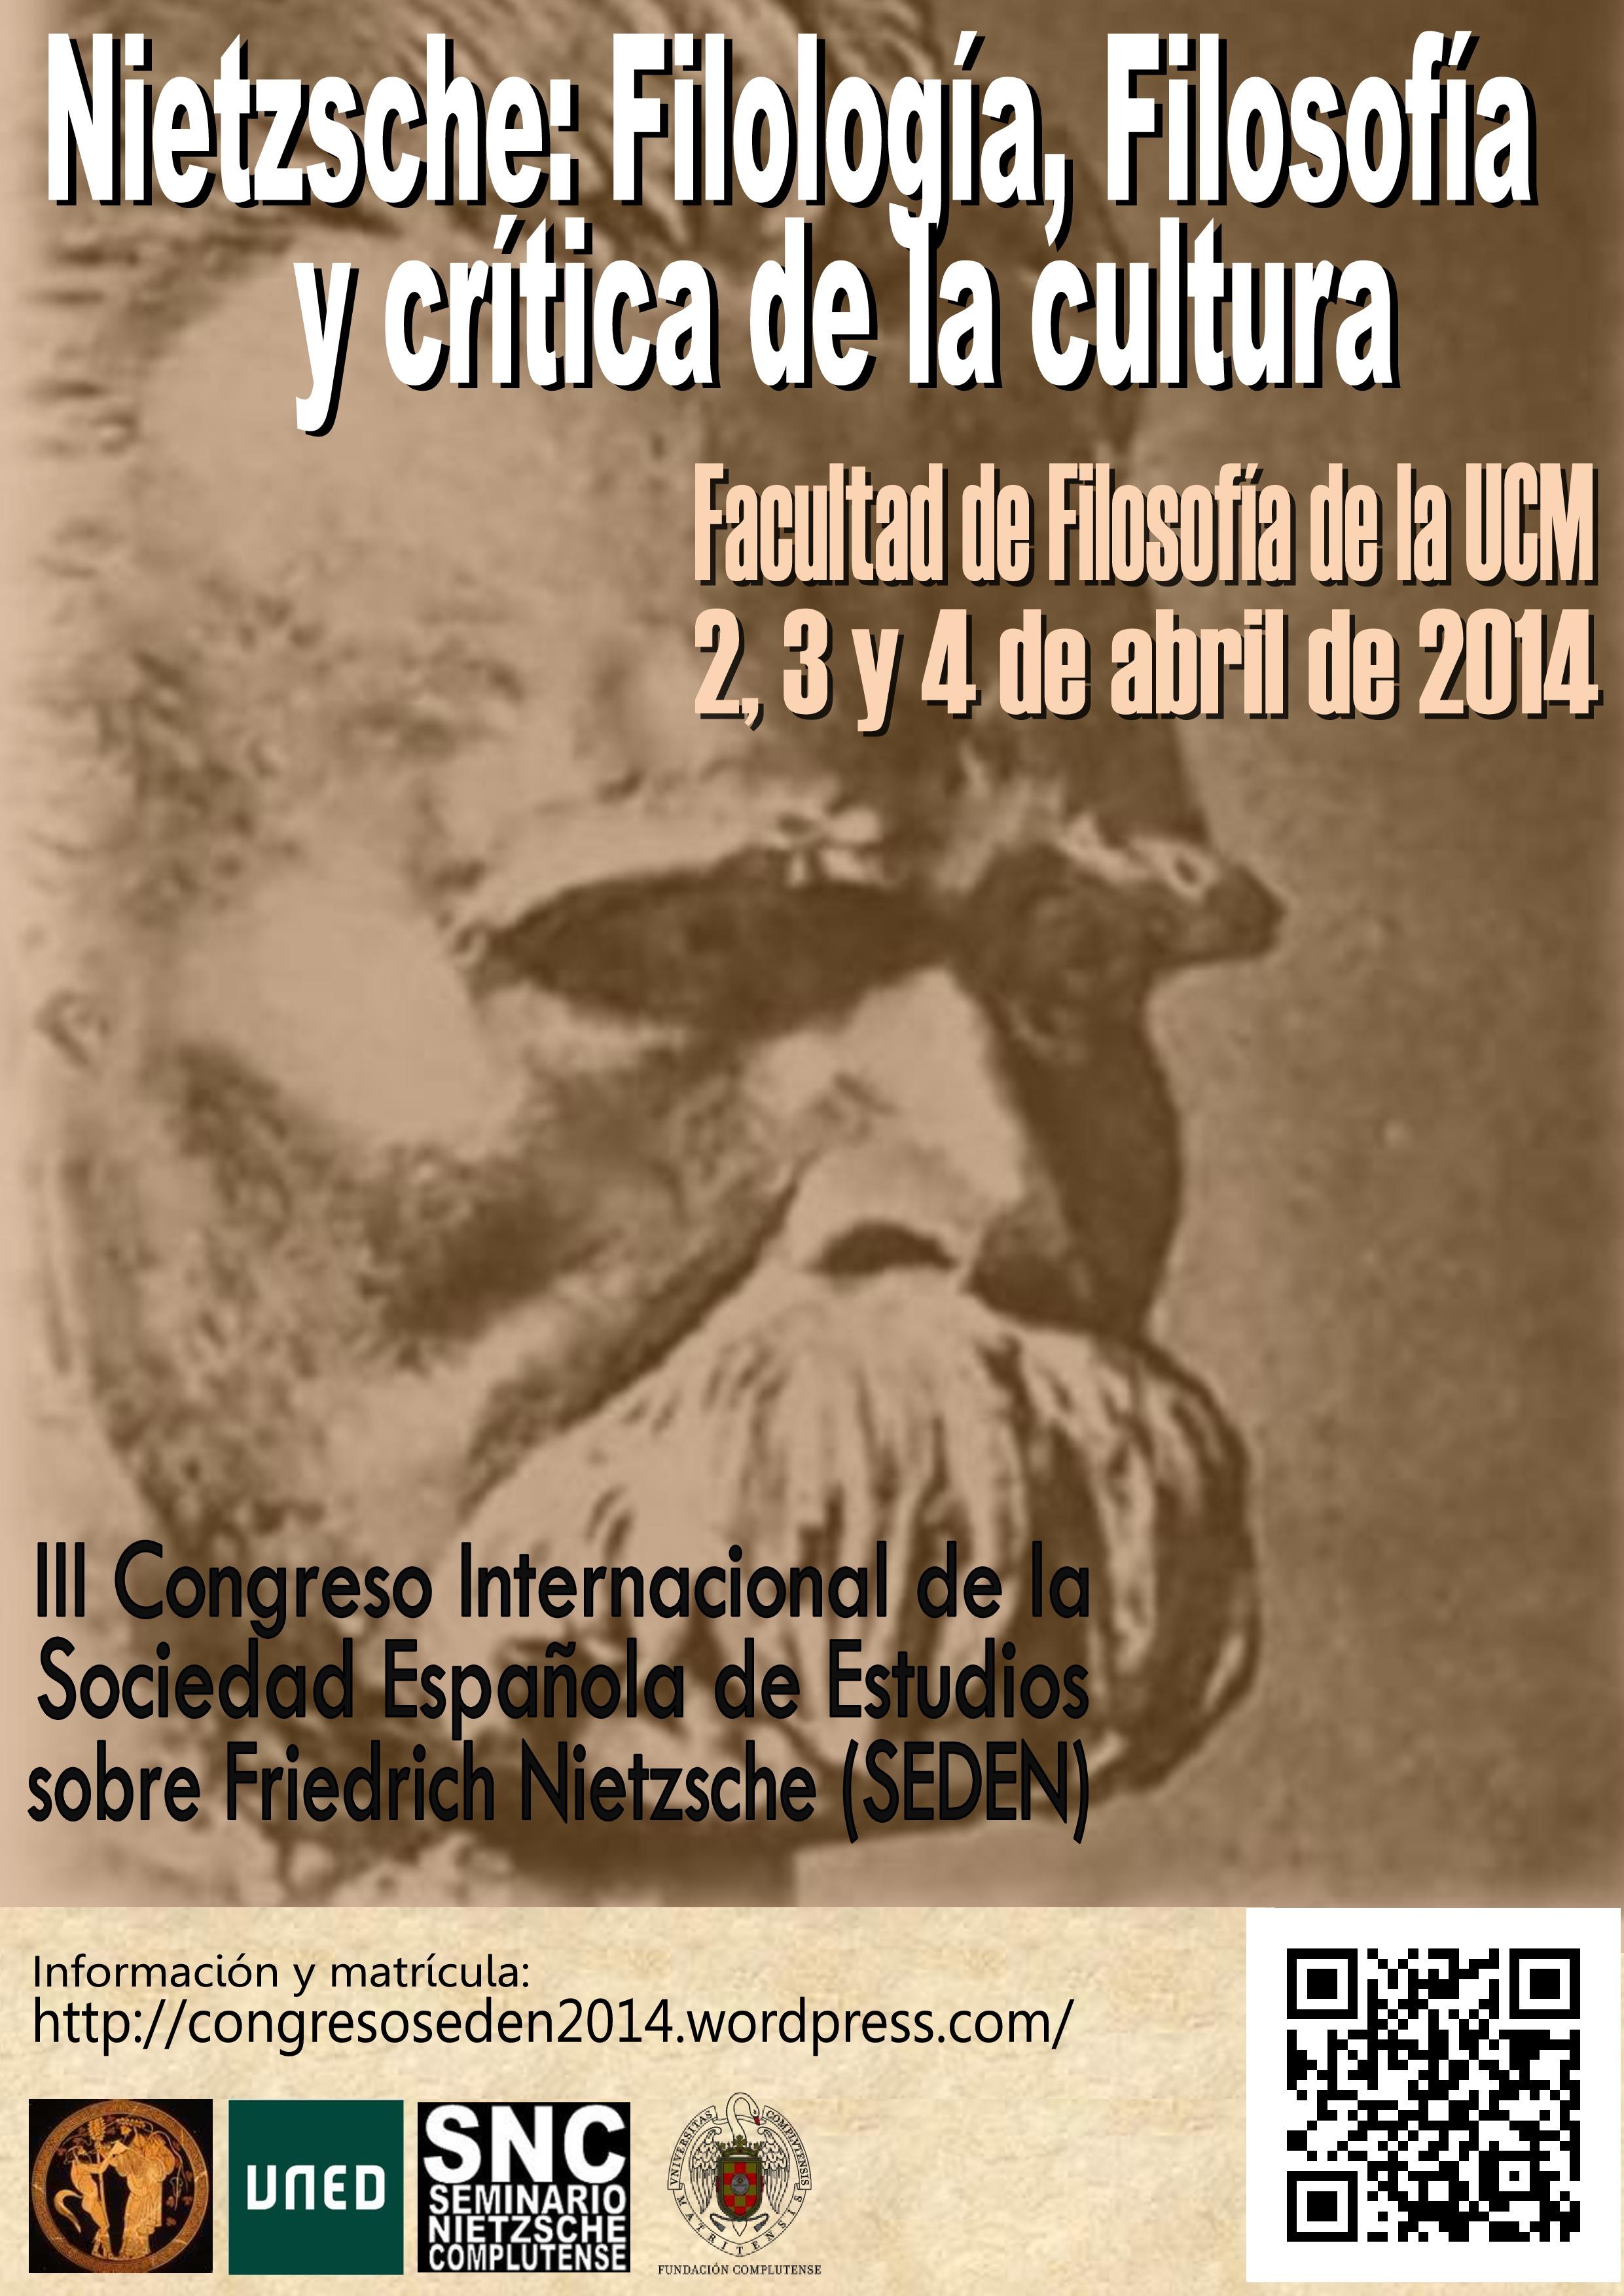 III Congreso Internacional de la Sociedad Espaola de